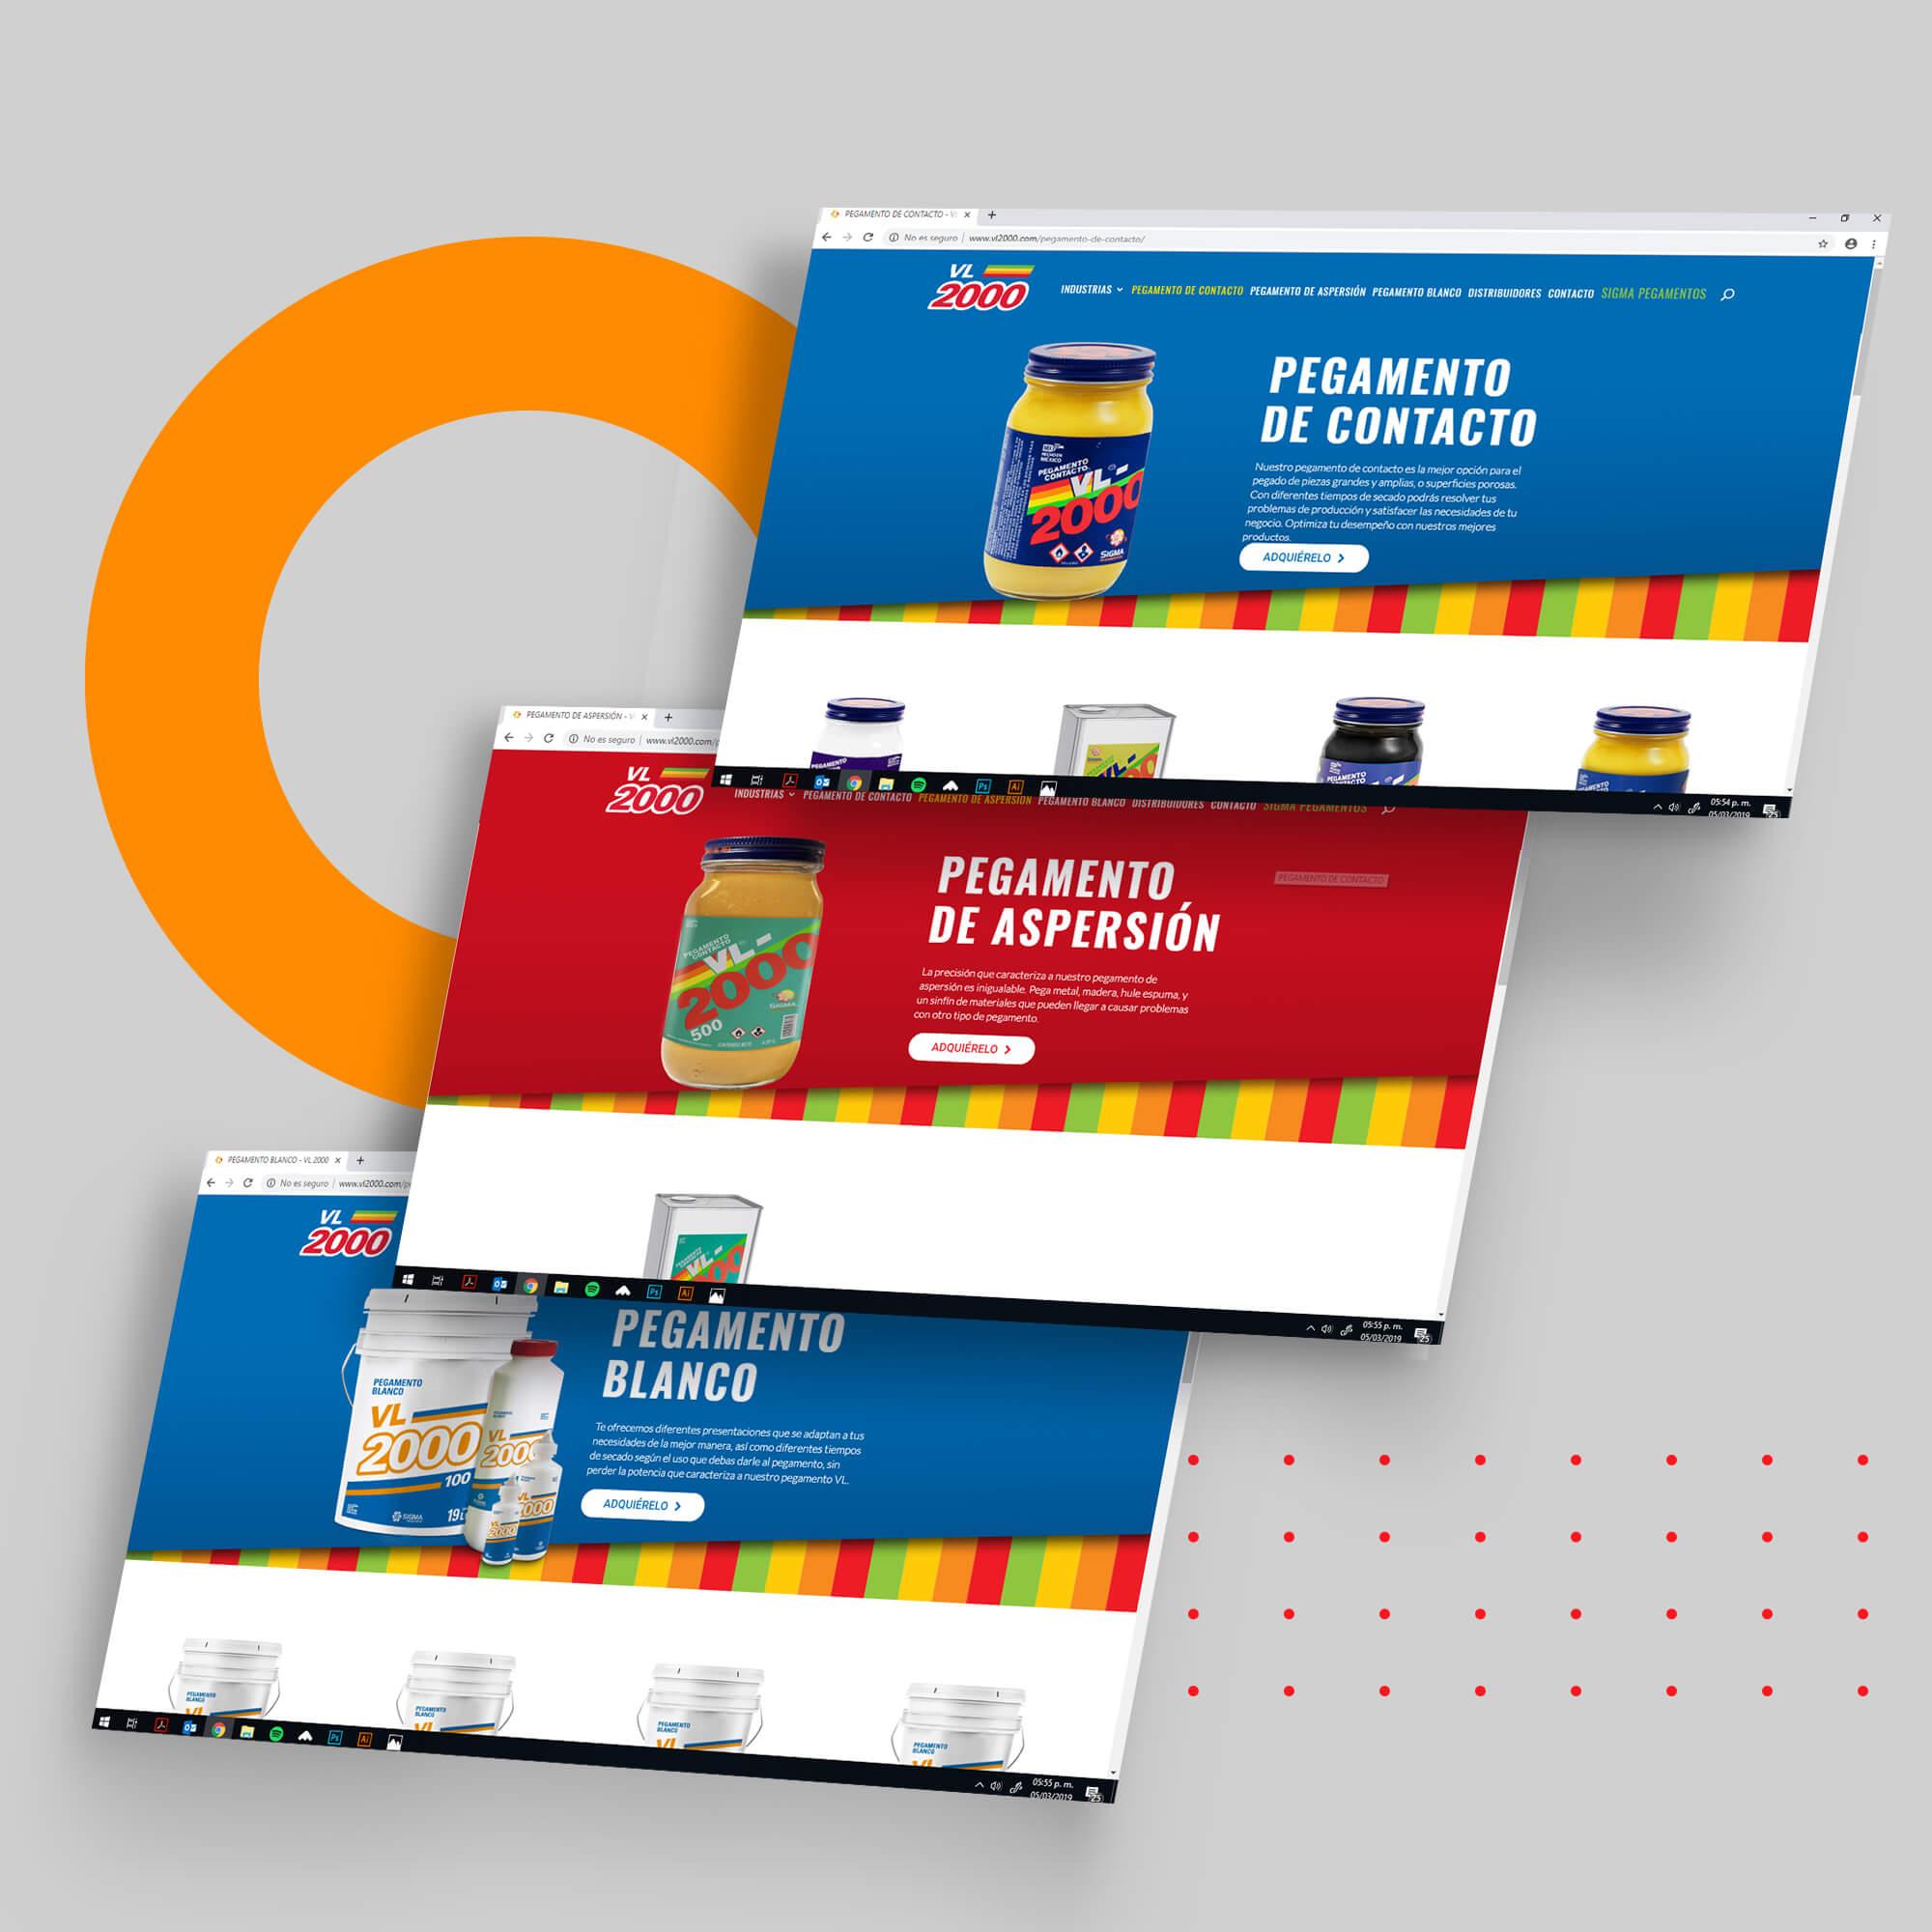 agencia-de-publicidad-colateral-vl200-web-3